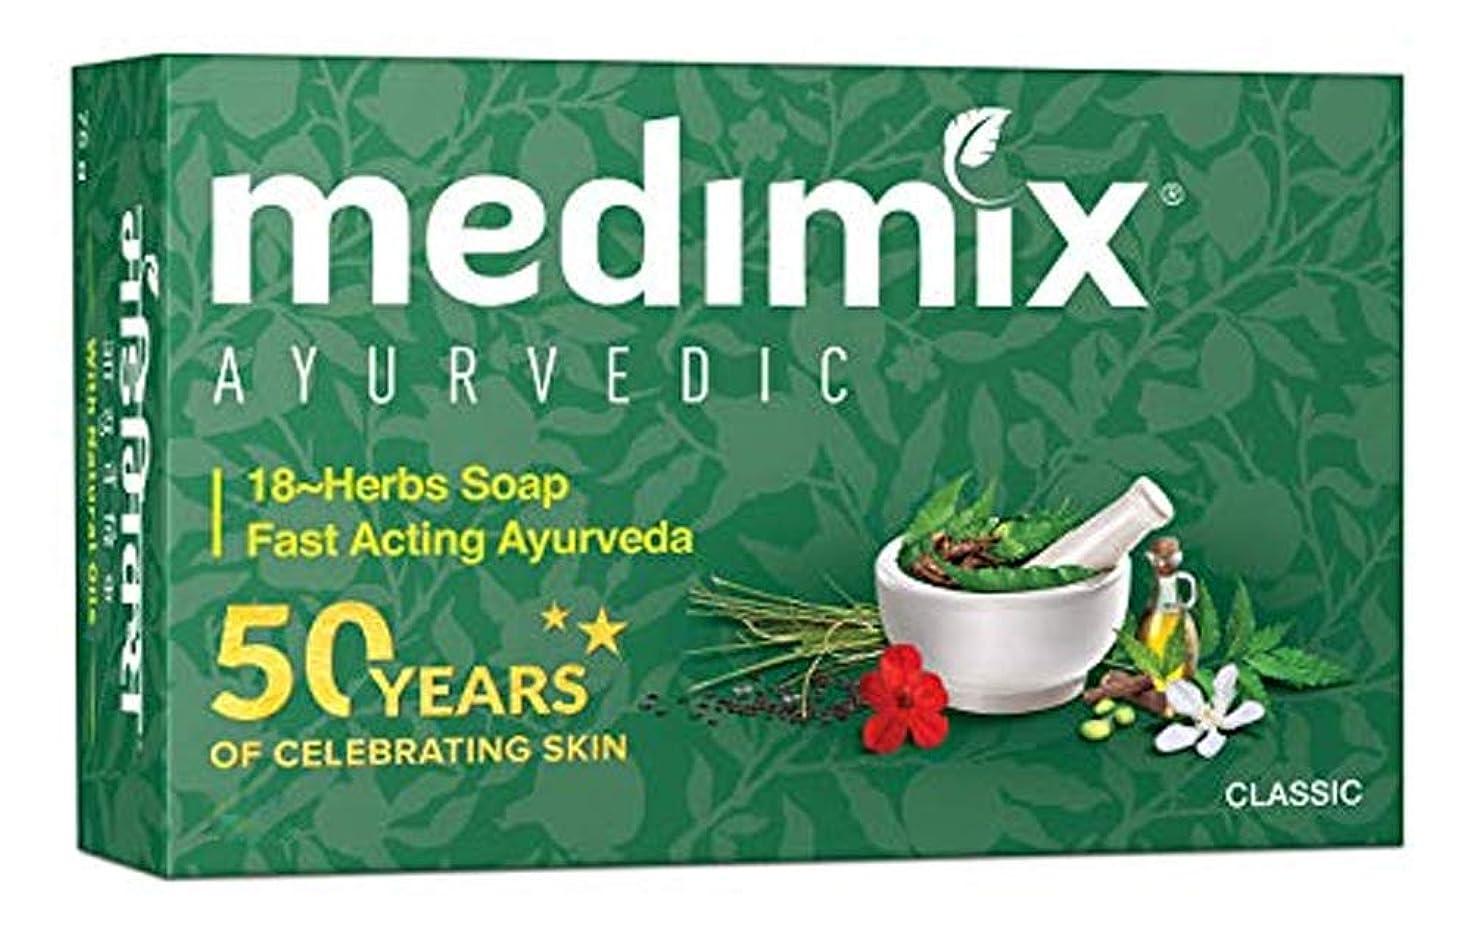 モンキー可動式境界MEDIMIX メディミックス アーユルヴェーダ石鹸 18ハーブス20個セット(medimix classic 18-HERB AYURVEDA) 125g